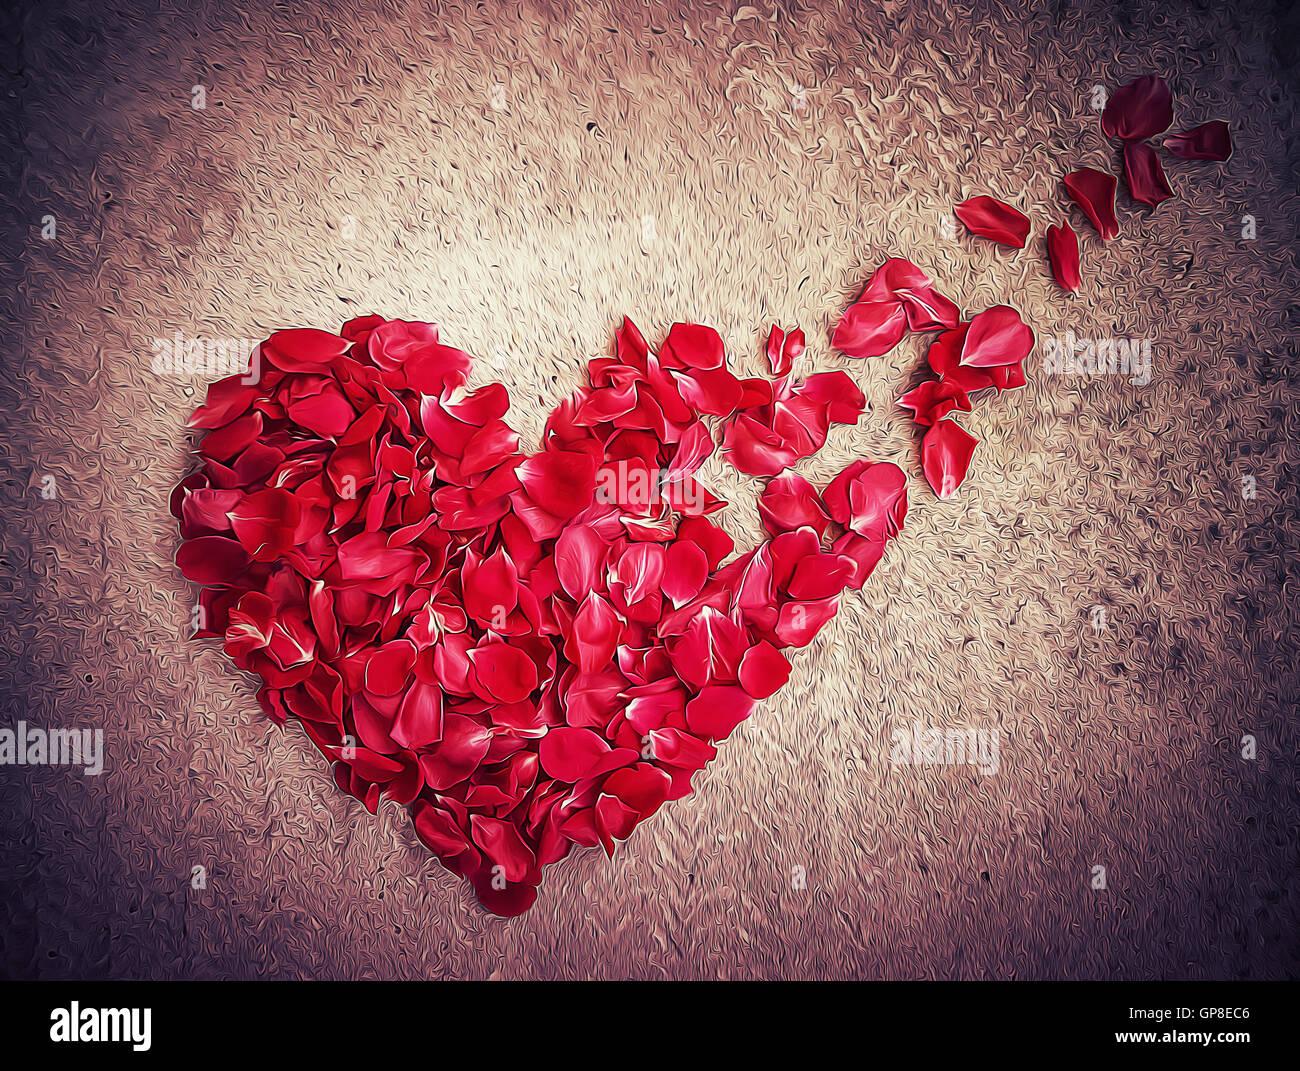 Illustration de pétales de rose disposés en forme d'un cœur brisé. Liquidation concept, la séparation Photo Stock